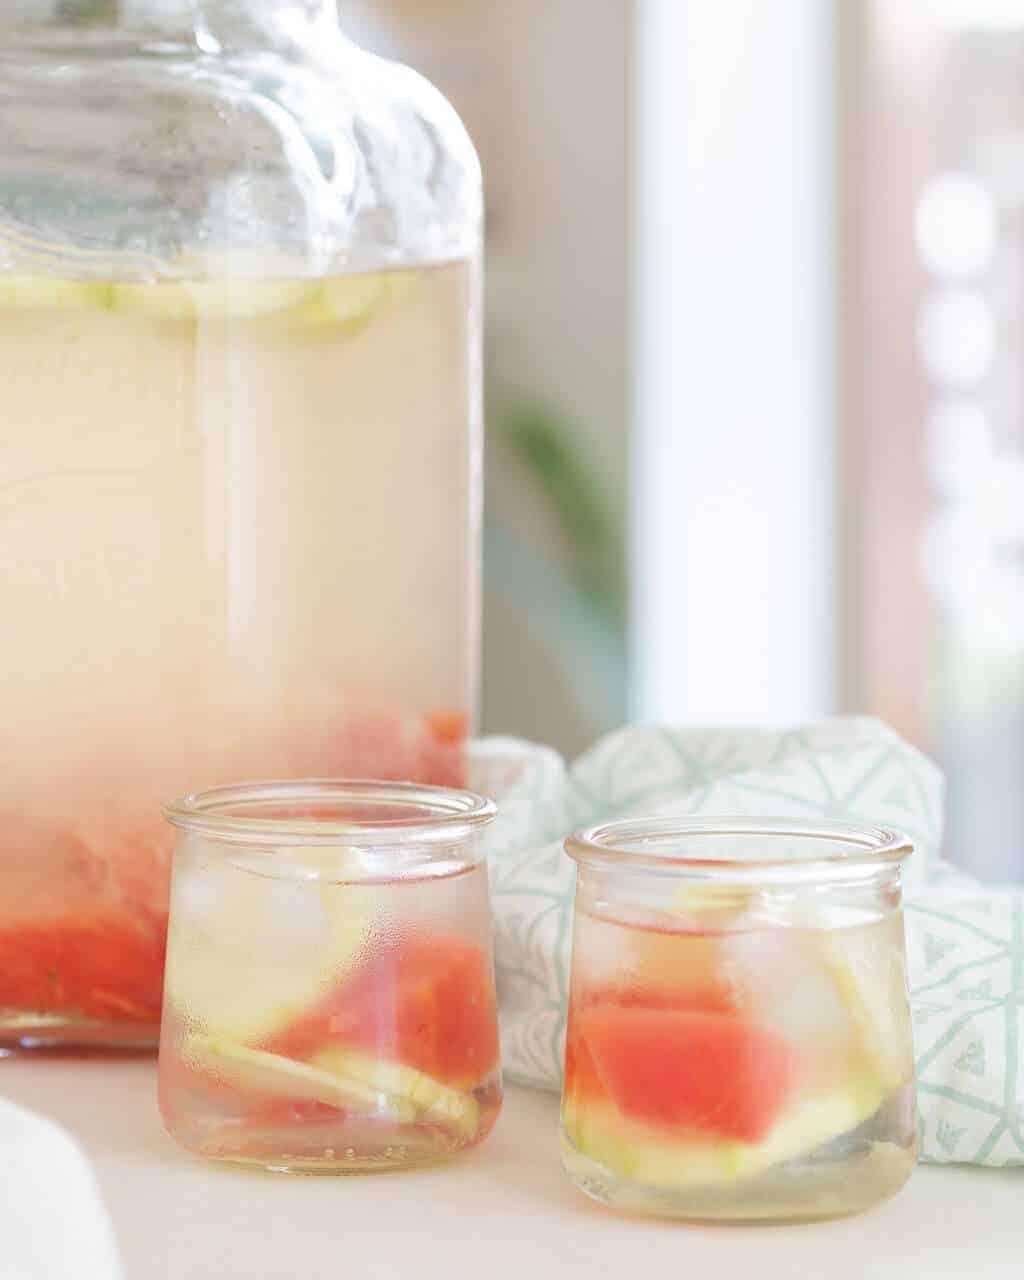 Cucumber Watermelon Lemonade